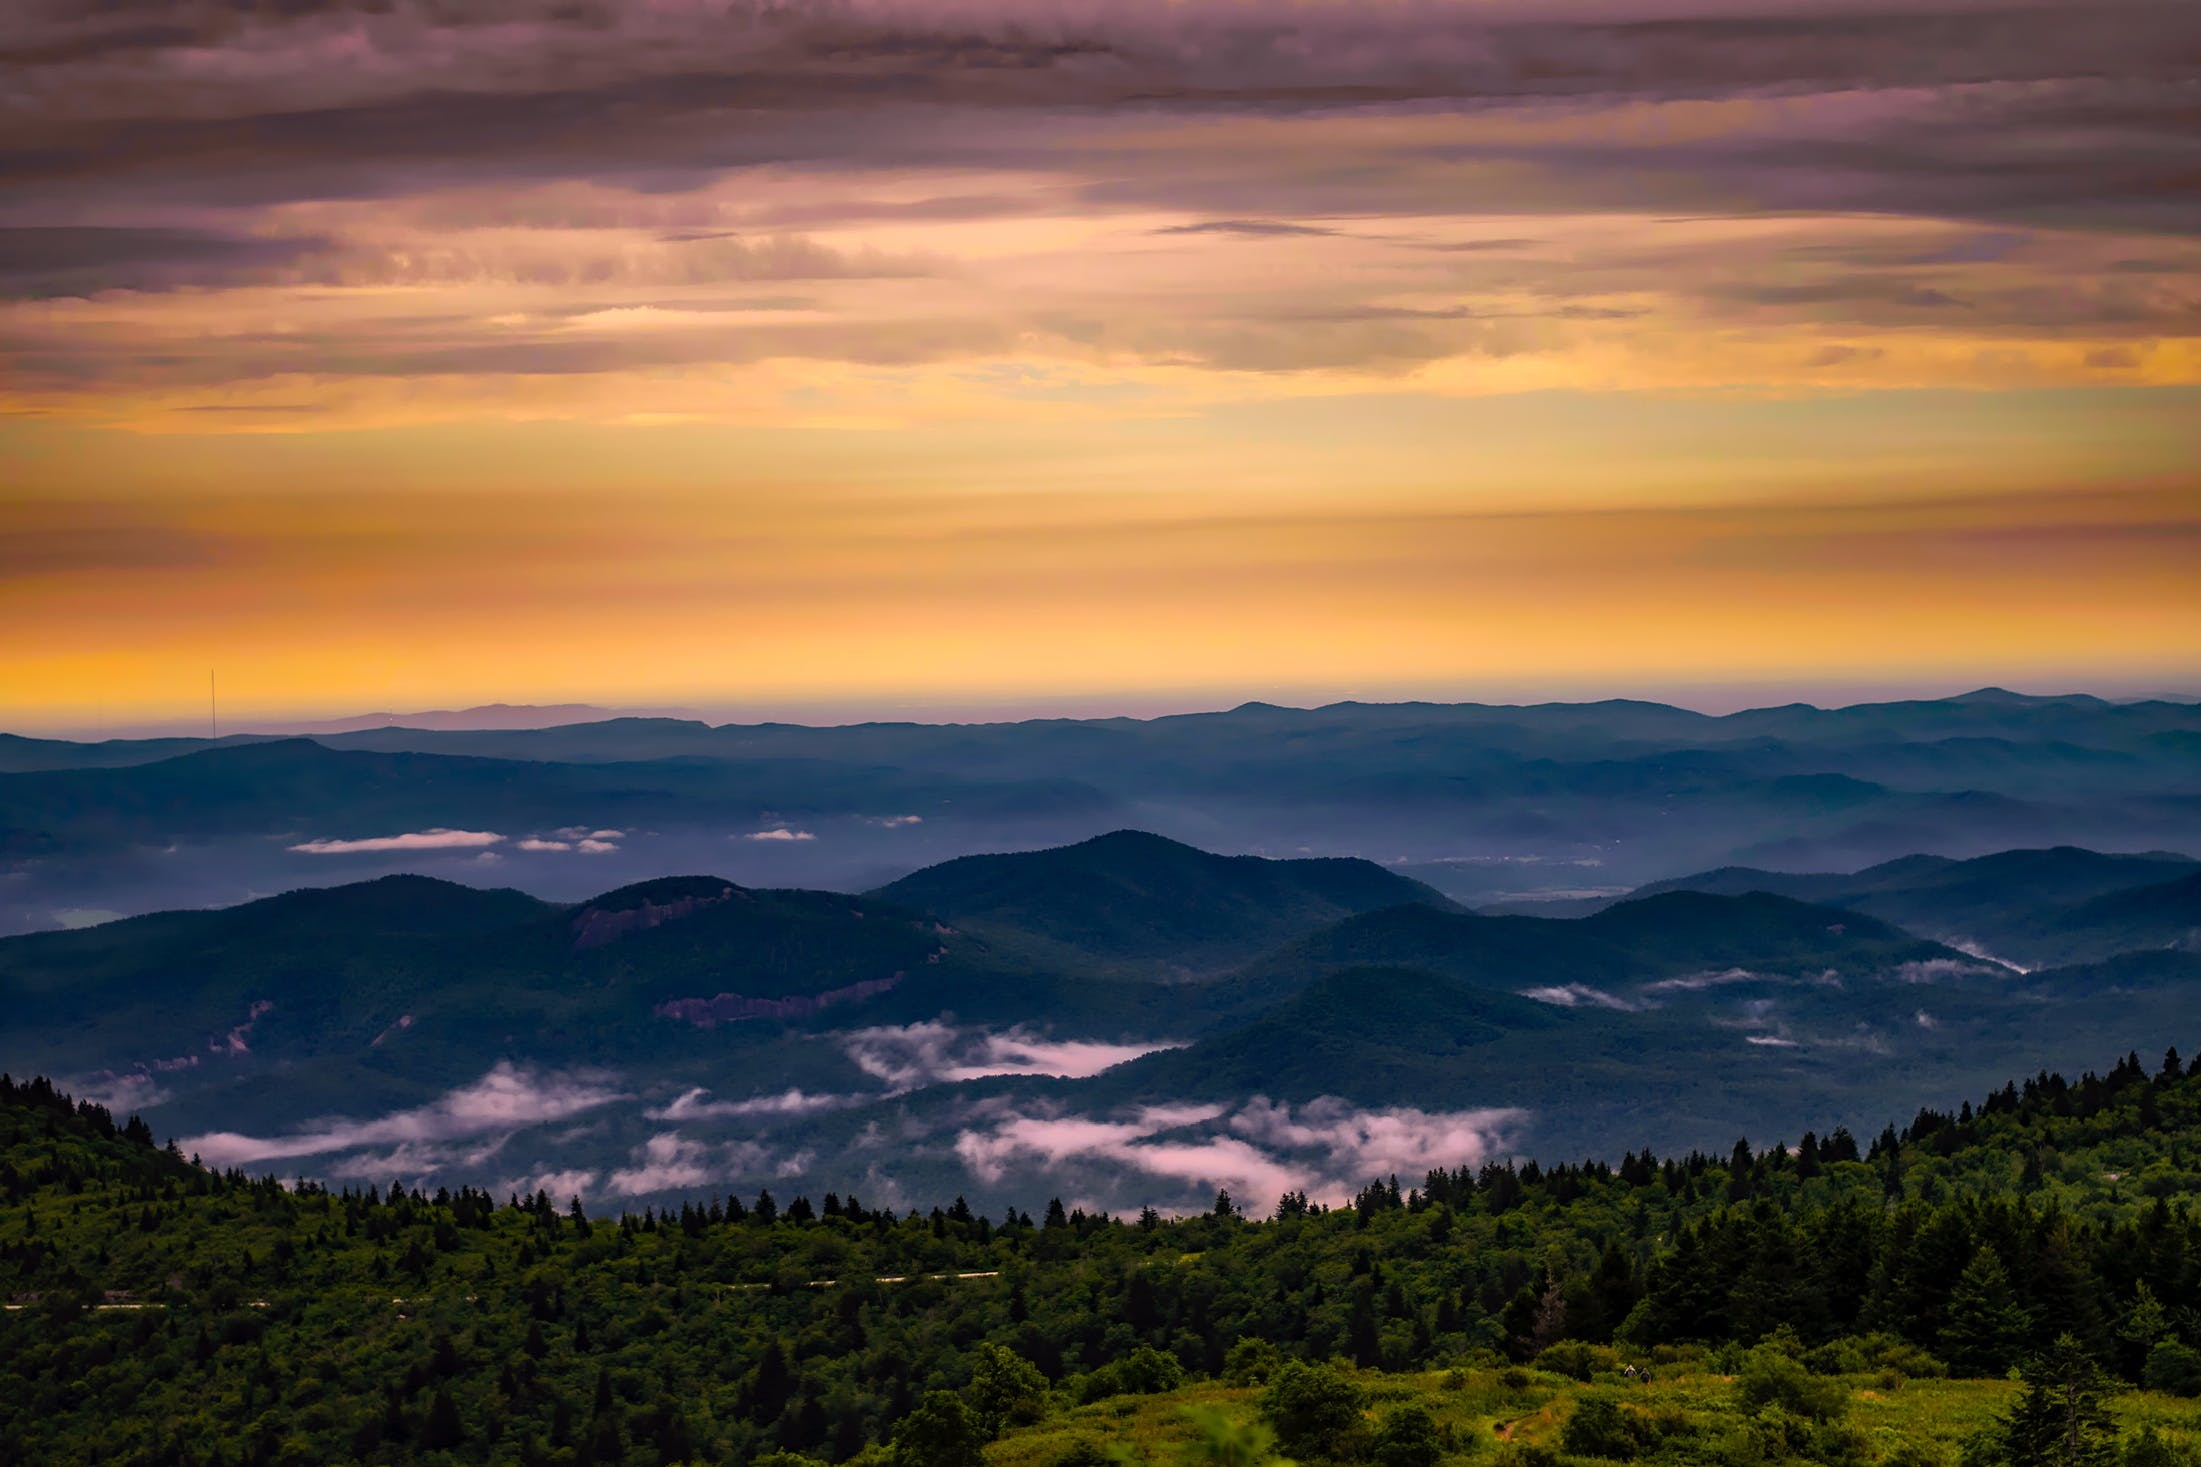 Kostenloses Stock Foto zu bäume, berge, bewölkt, dämmerung